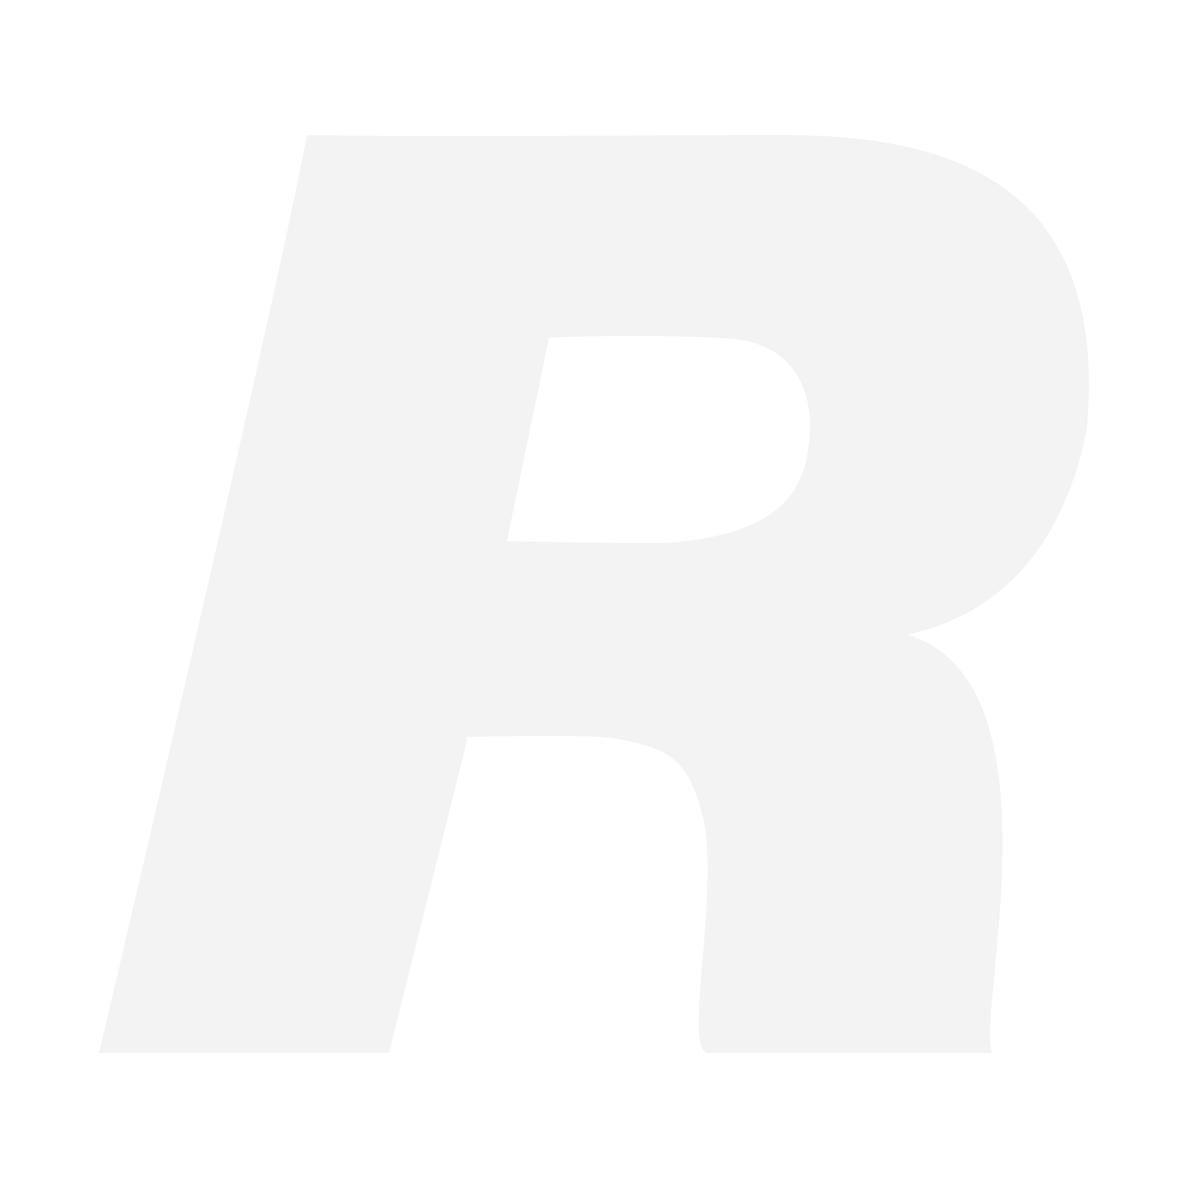 Spyder 5 Elite -kalibrointilaite